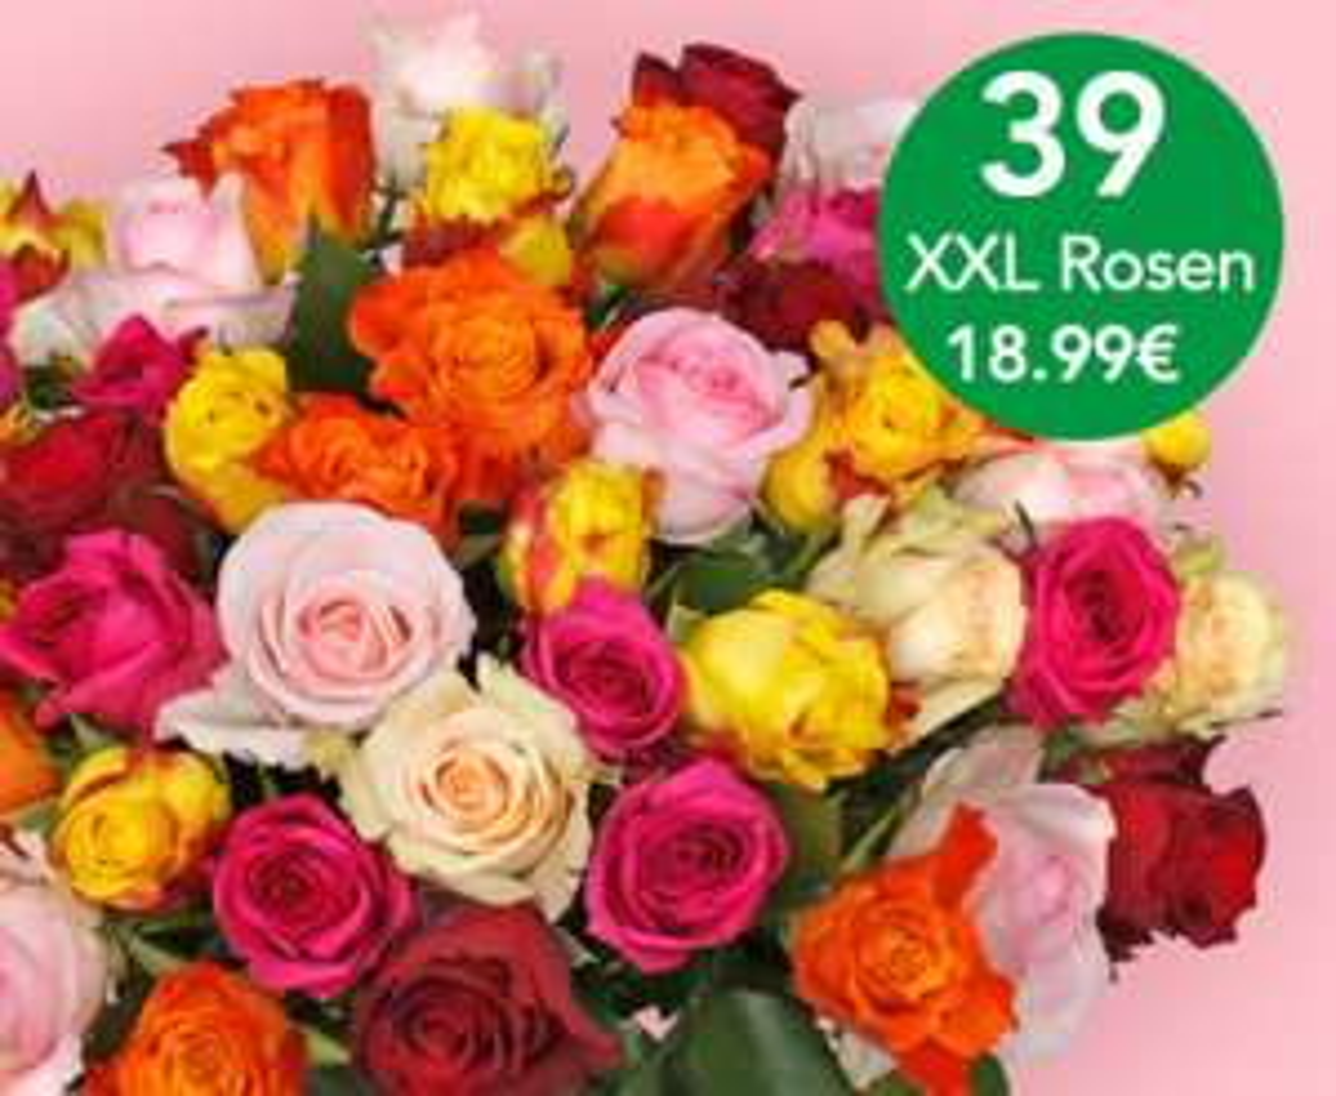 39 XXL Rosen für 18,99€ + 4,95 Versand.